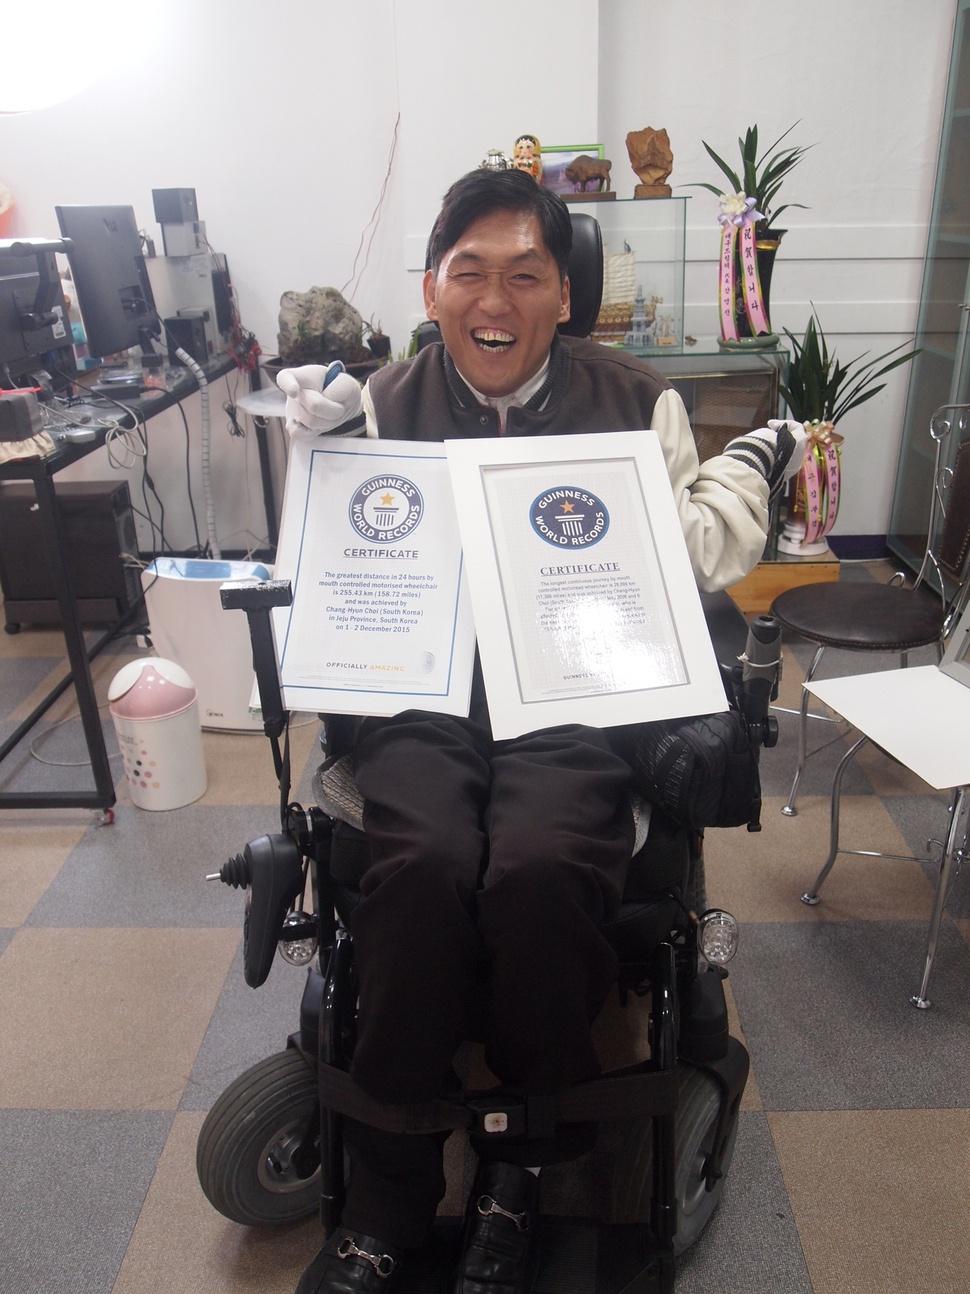 선천성 뇌성마비 장애를 앓고 있는 최창현 대구장애인차별감시연대 대표가 자신이 세운 기네스 신기록 증명서 2장을 들고 환하게 웃고 있다.  최창현 제공